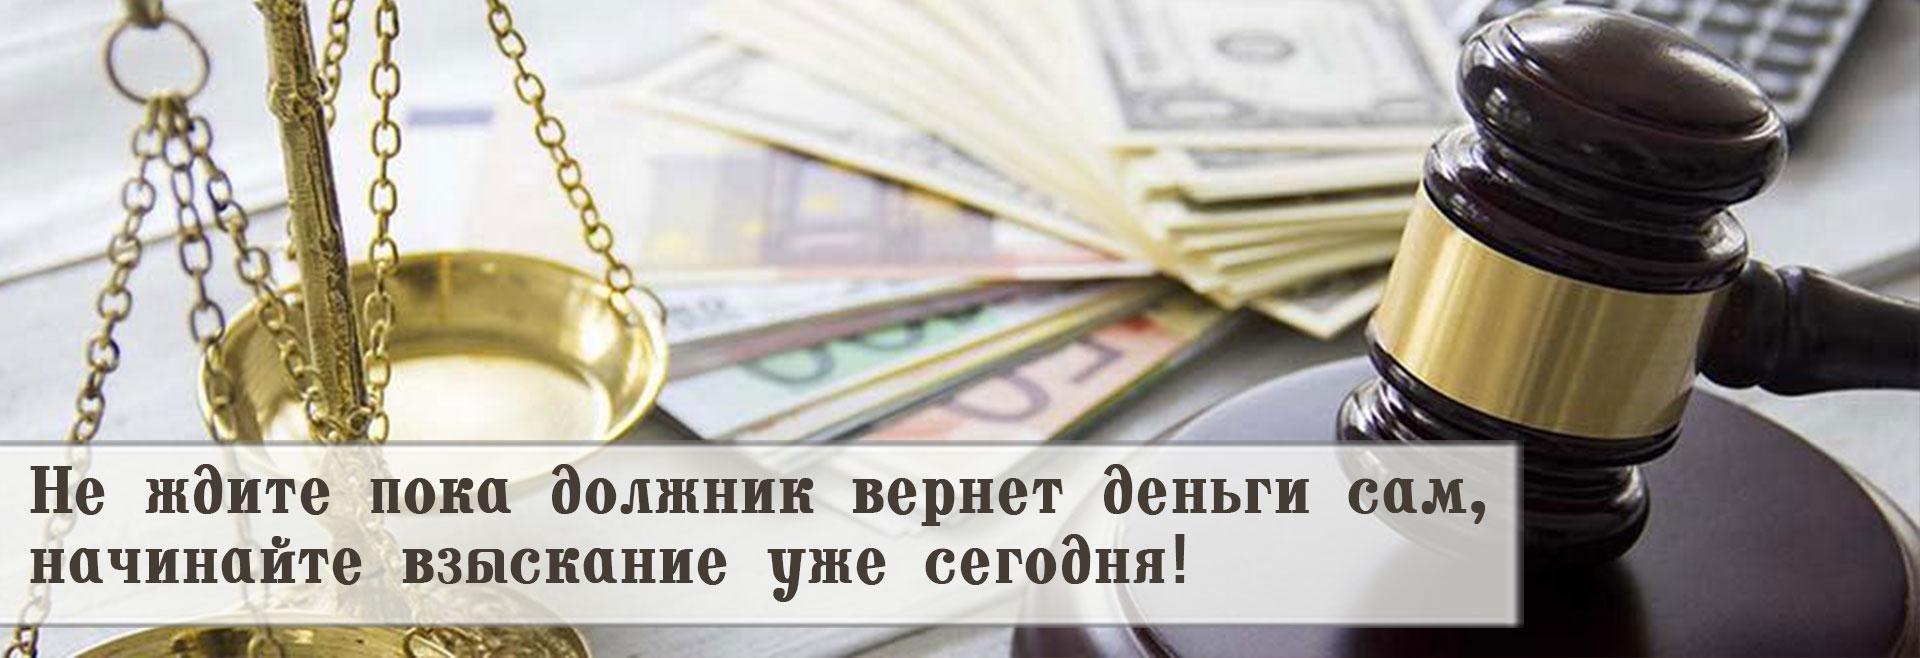 Взыскание задолженности в Новосибирске